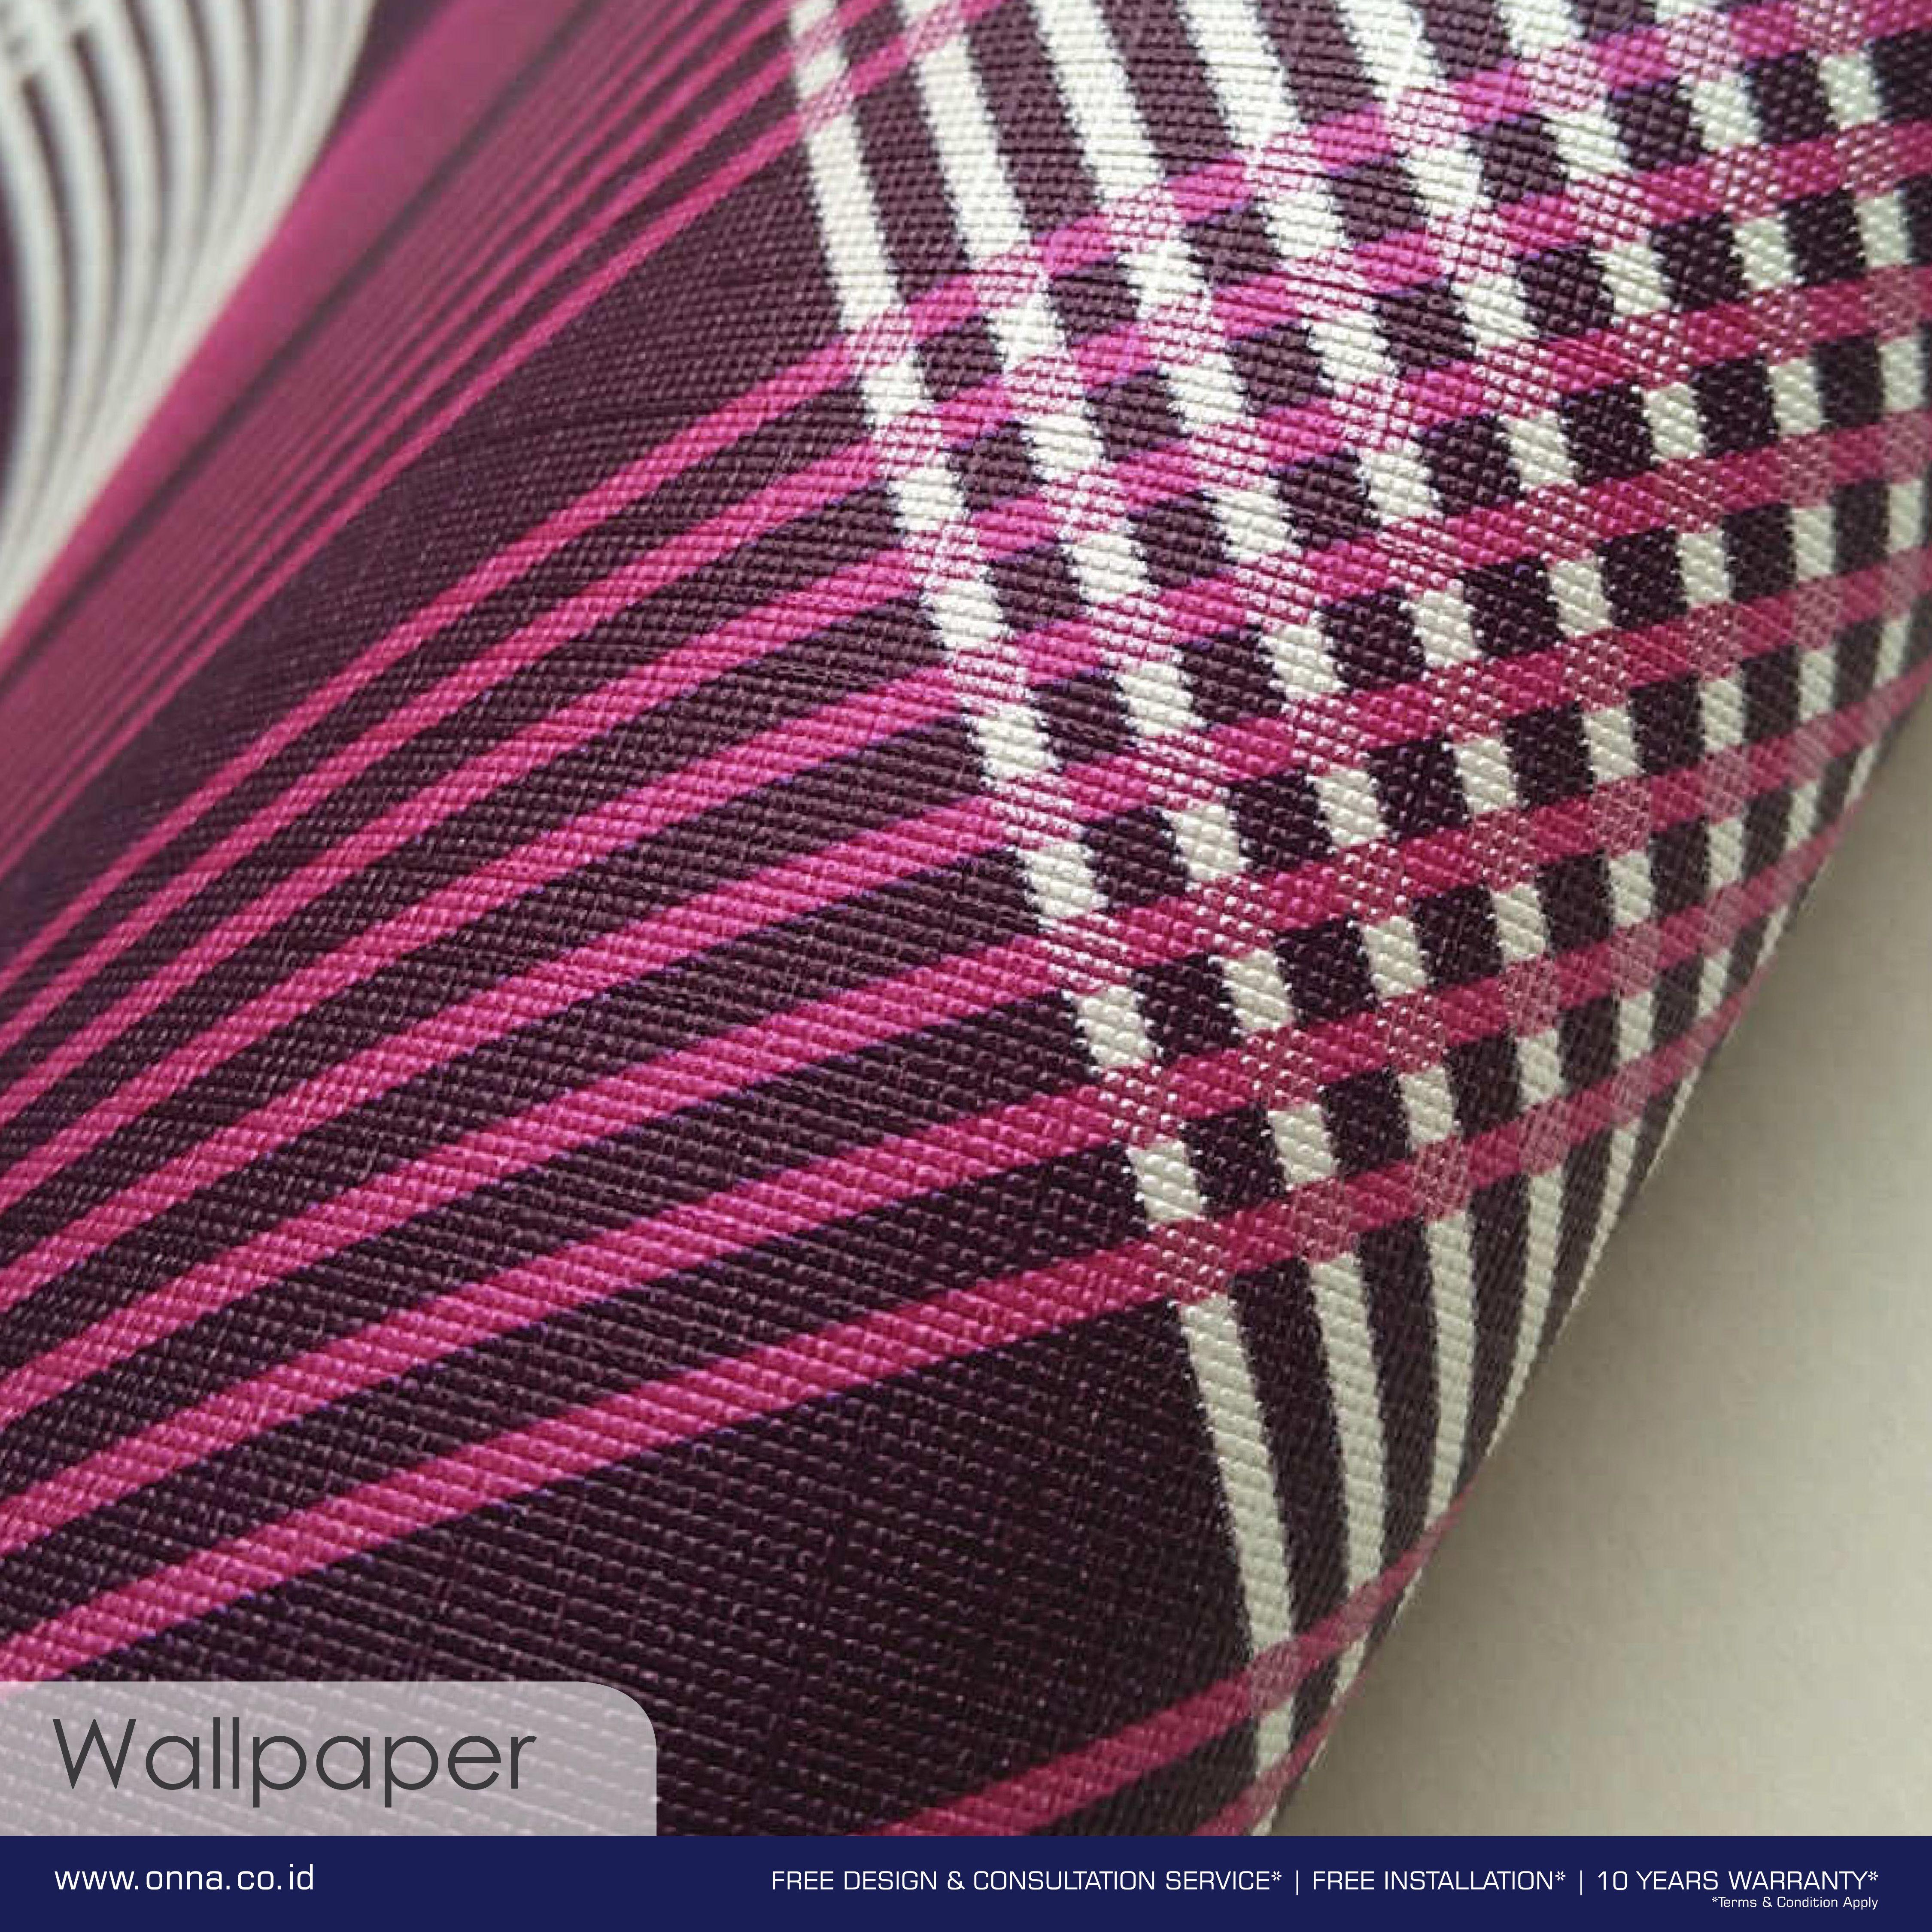 Tips memasang wallpaper pada dinding rumah 1. Pastikan